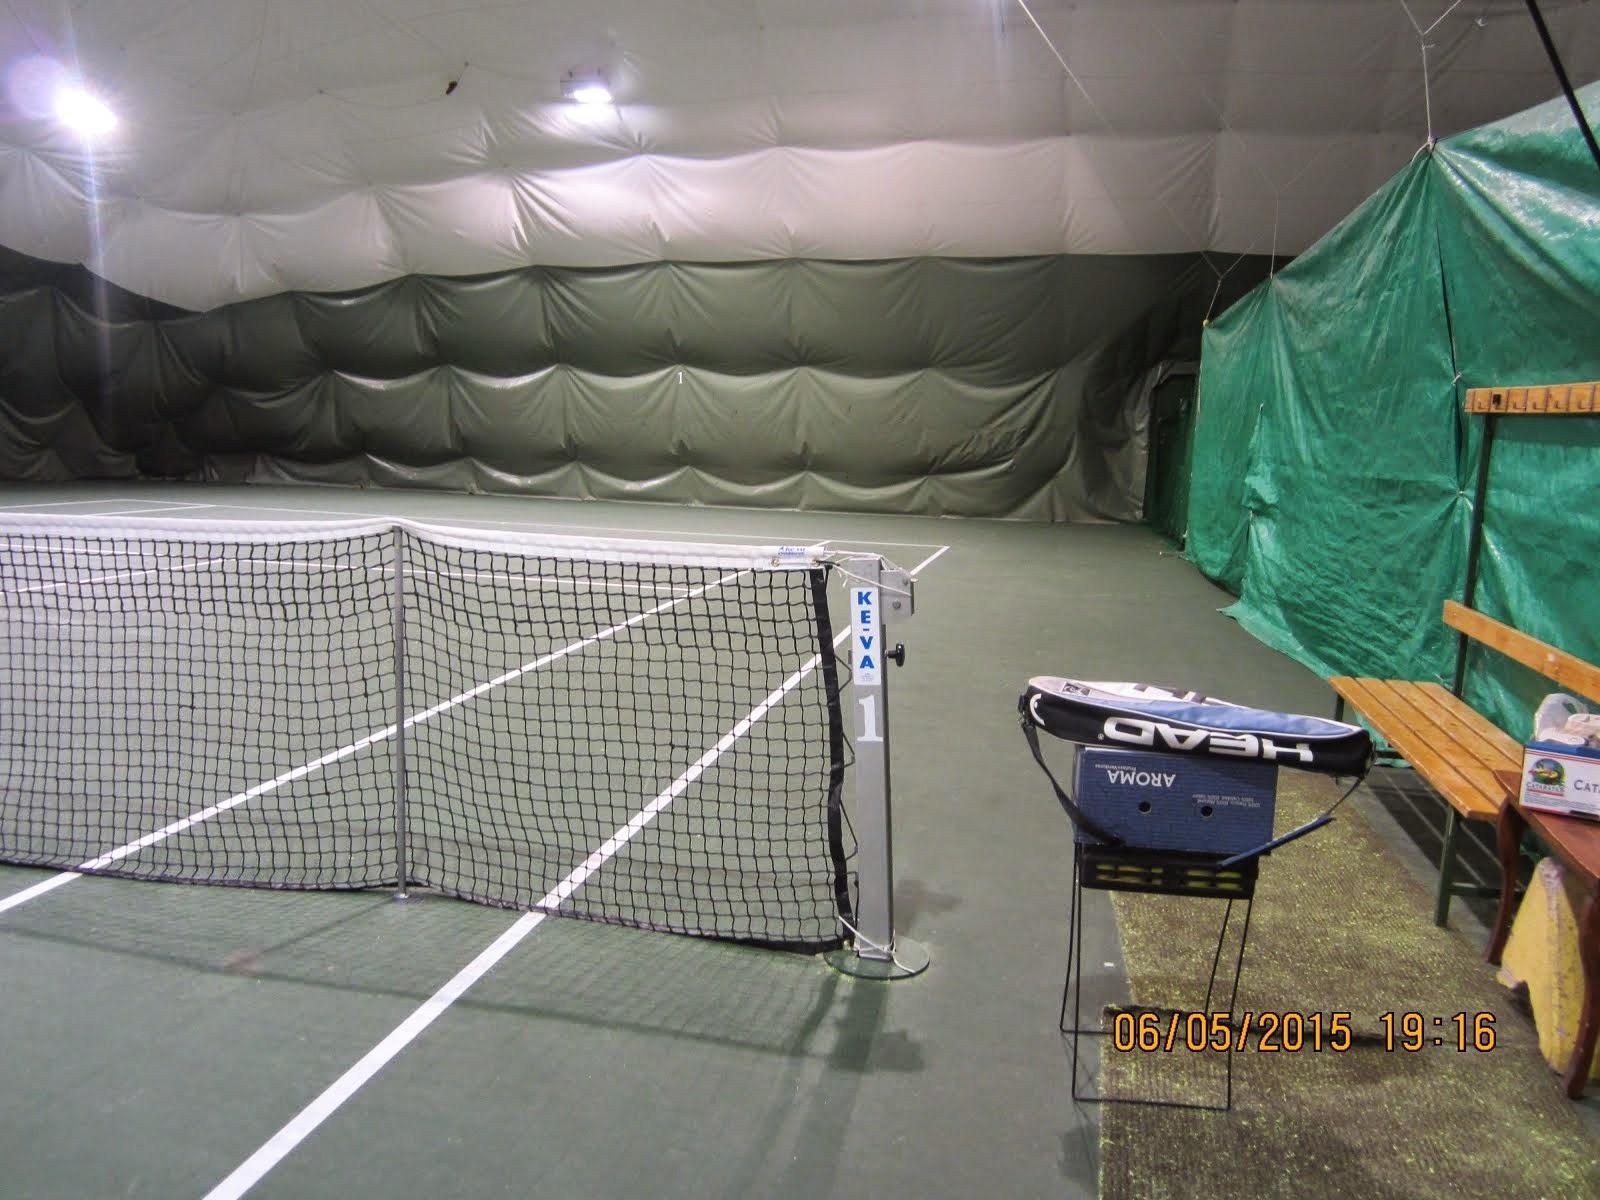 Tenniksen alkeiskurssit Hervannan tennishallissa talviaikaan. Muulloin Sääksjärven kentällä sop muk